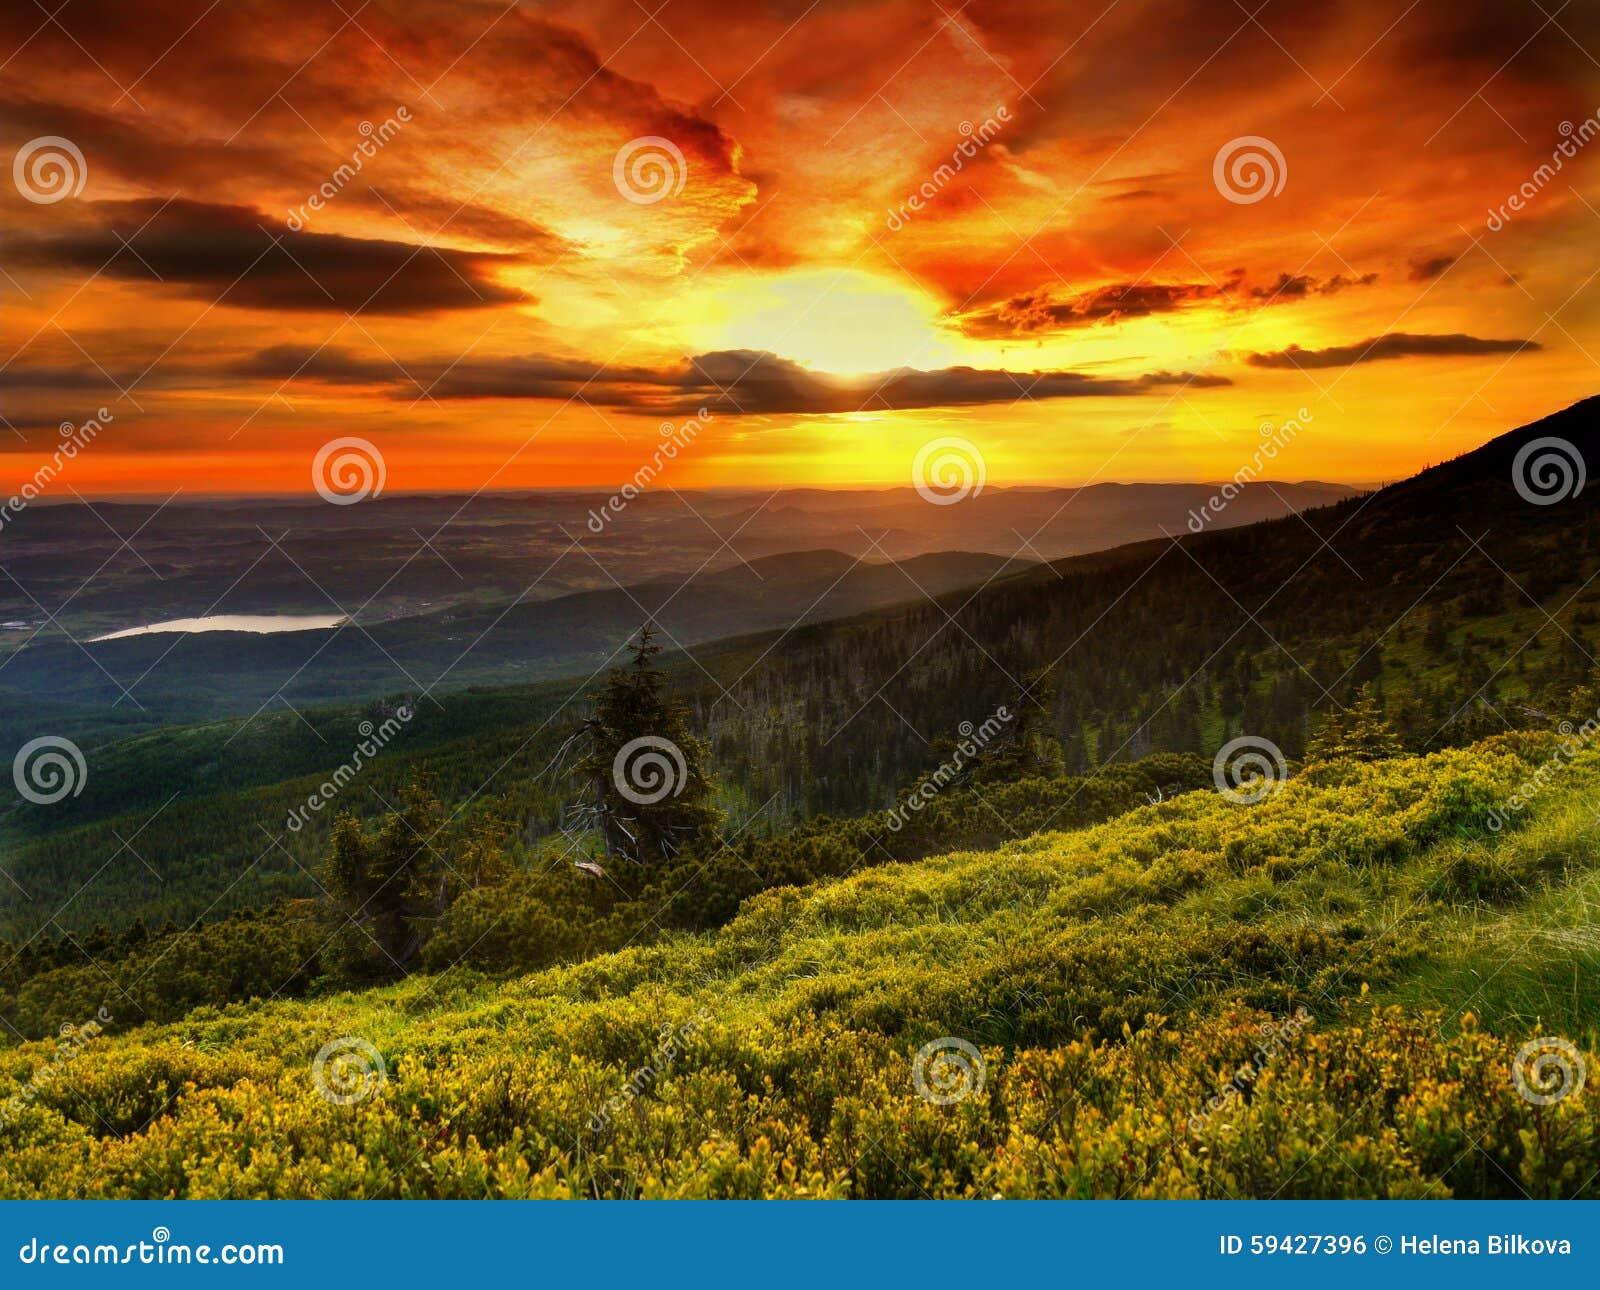 Gestalten Sie, magische Farben, Sonnenaufgang, Bergwiese landschaftlich